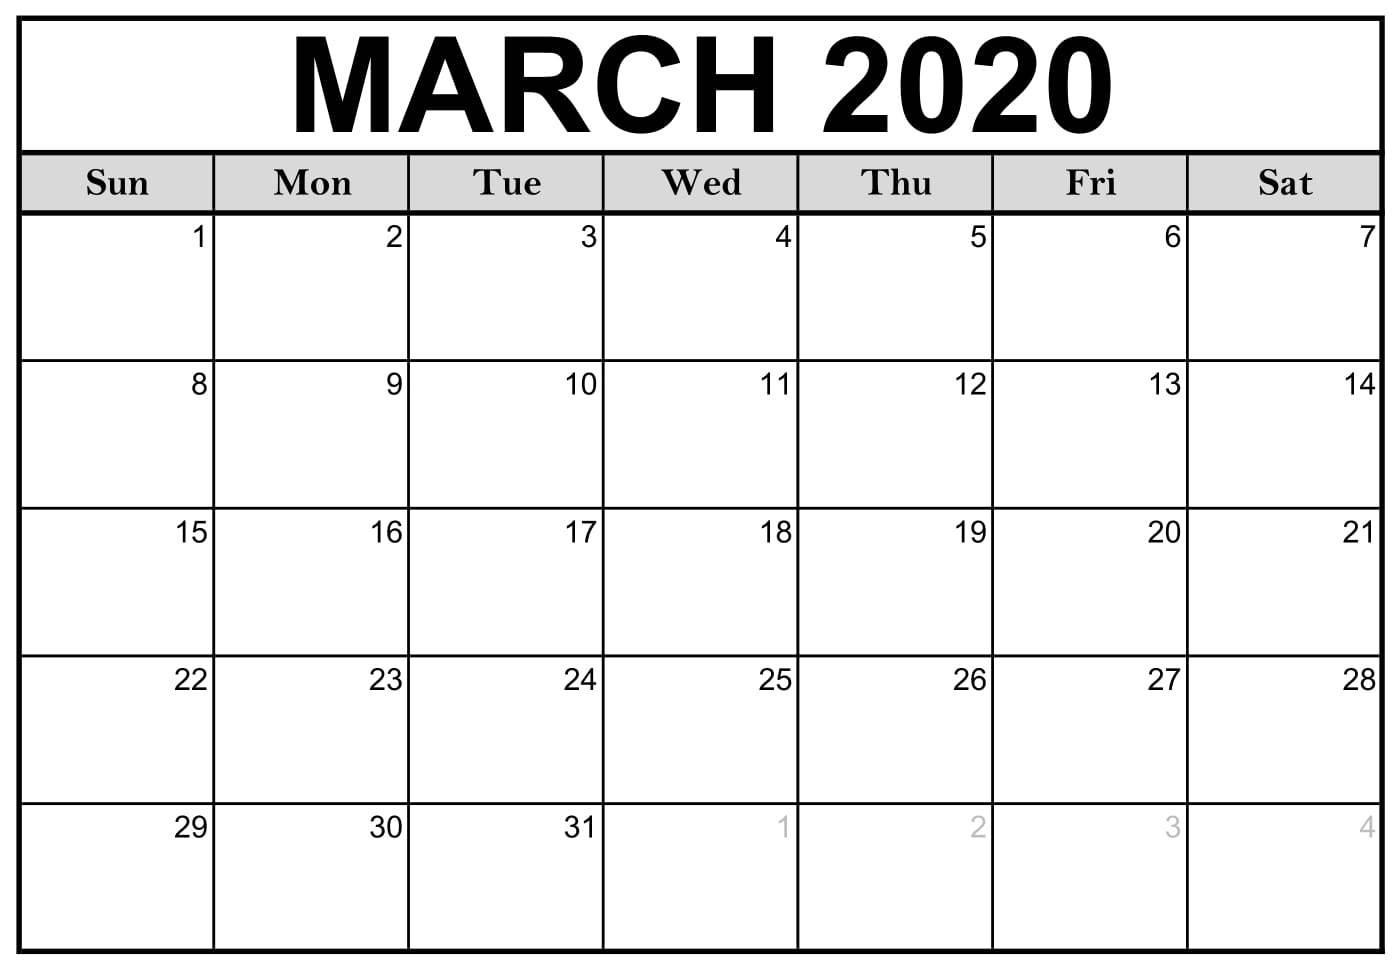 March 2020 Editable Calendar